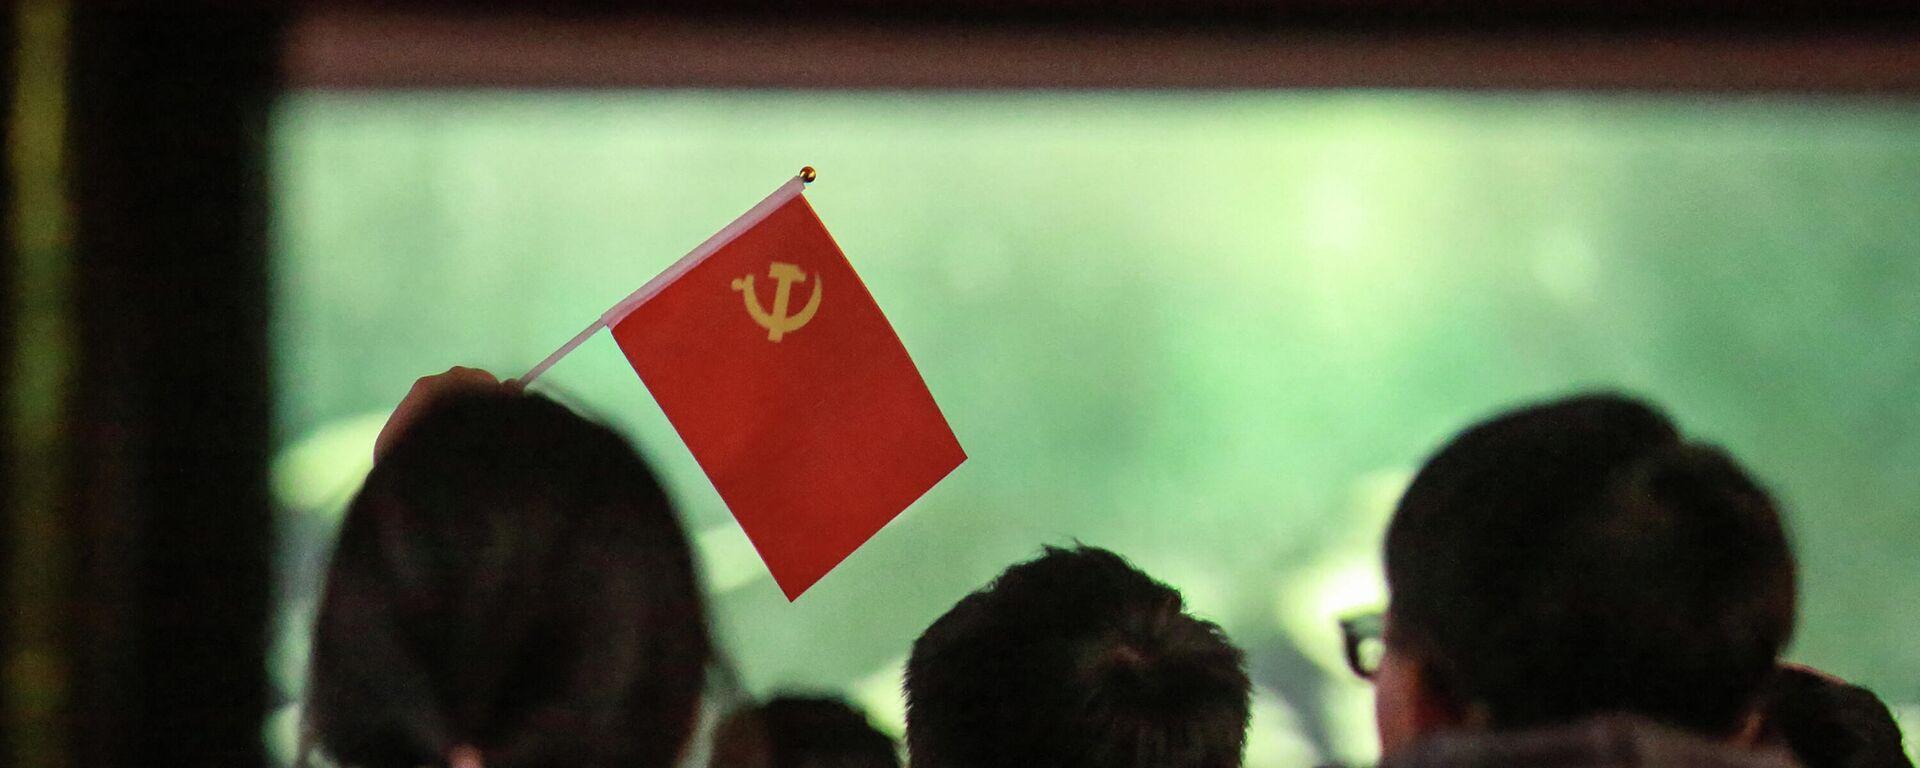 Unos estudiantes con una bandera del Partido Comunista en China - Sputnik Mundo, 1920, 11.05.2021